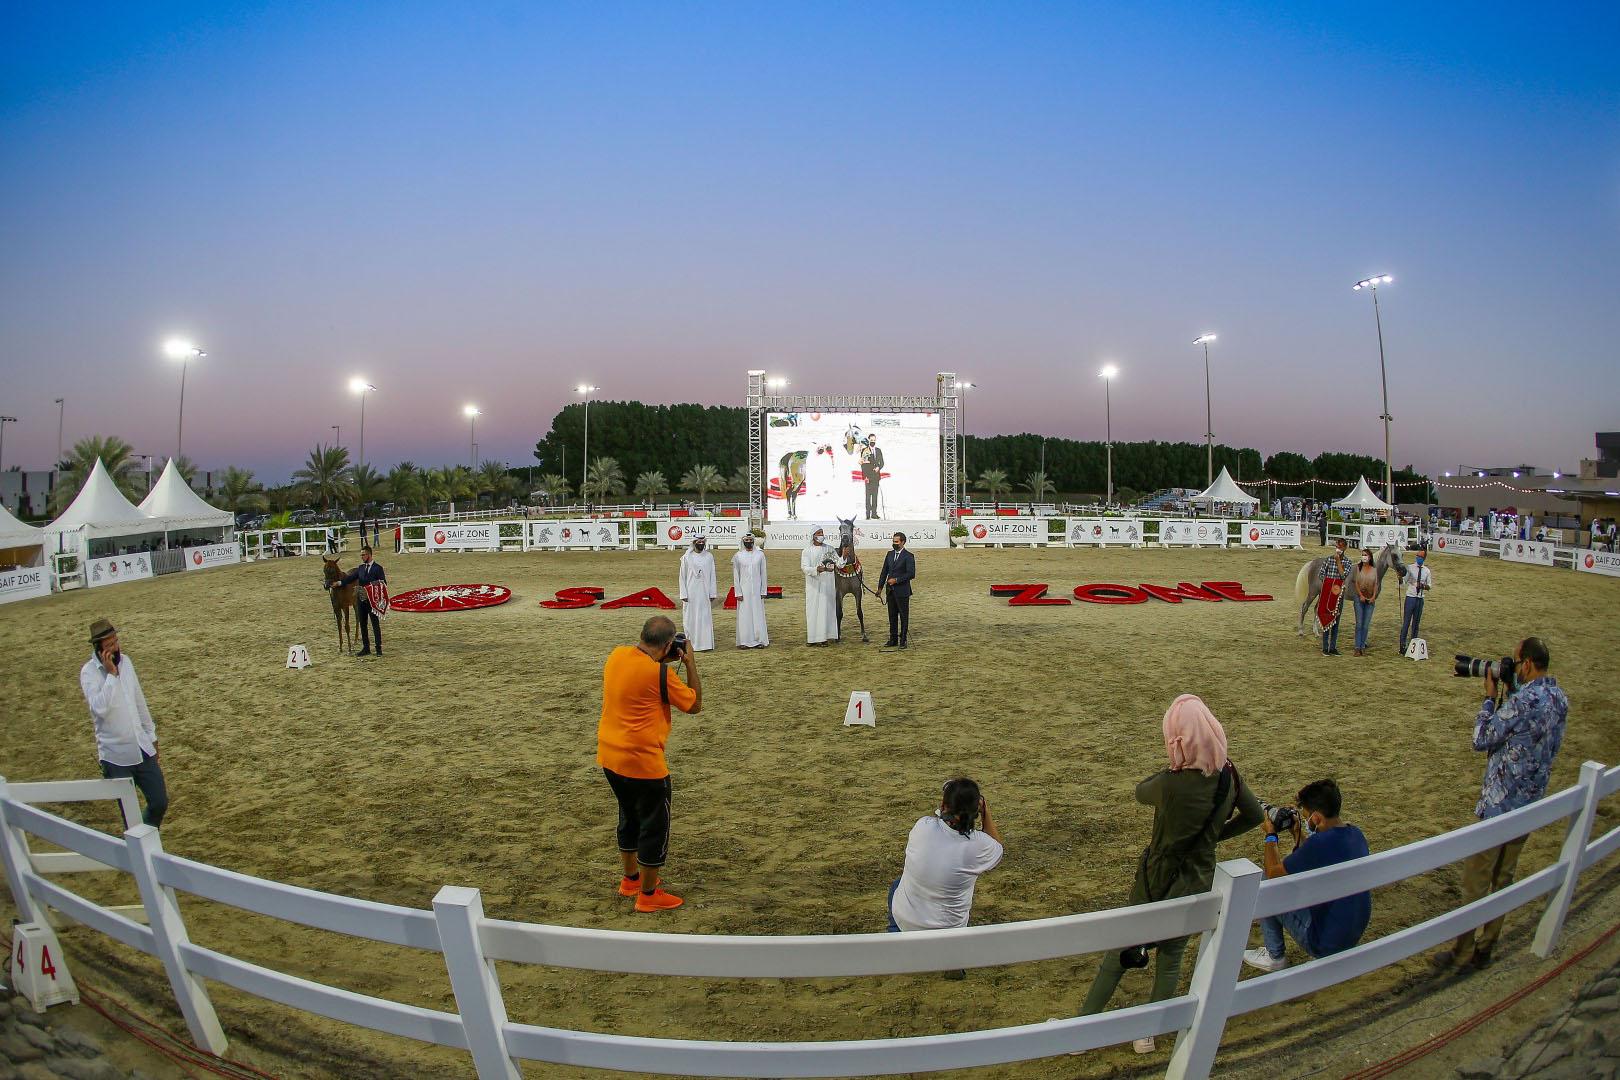 مهرجان الشارقة الدولي للجواد العربي ينطلق غدا